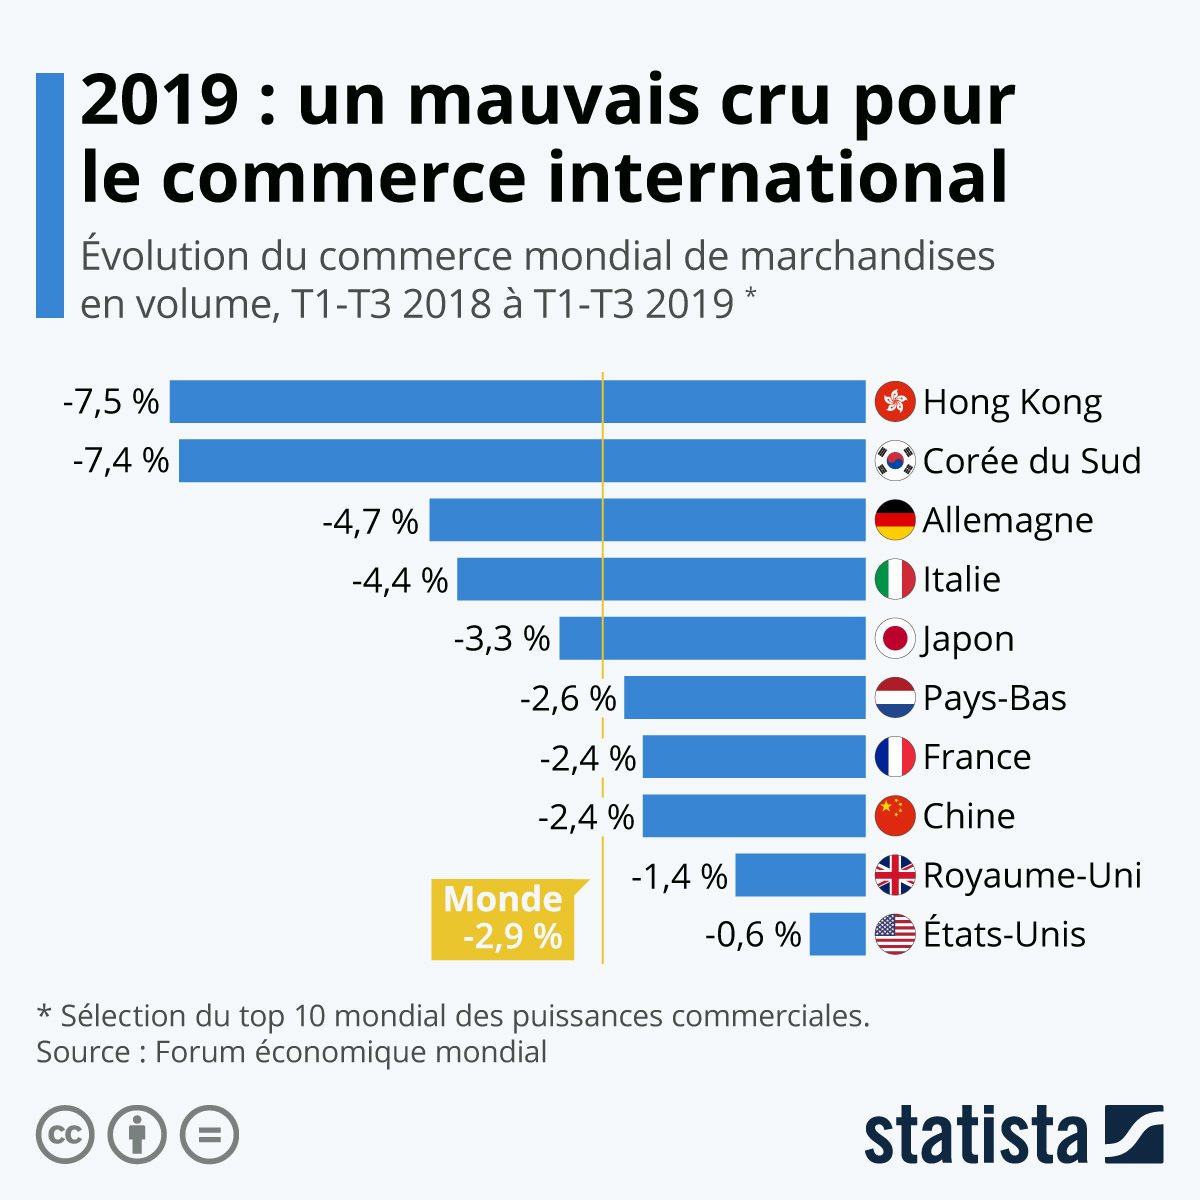 Infographie: 2019 : un mauvais cru pour le commerce international | Statista